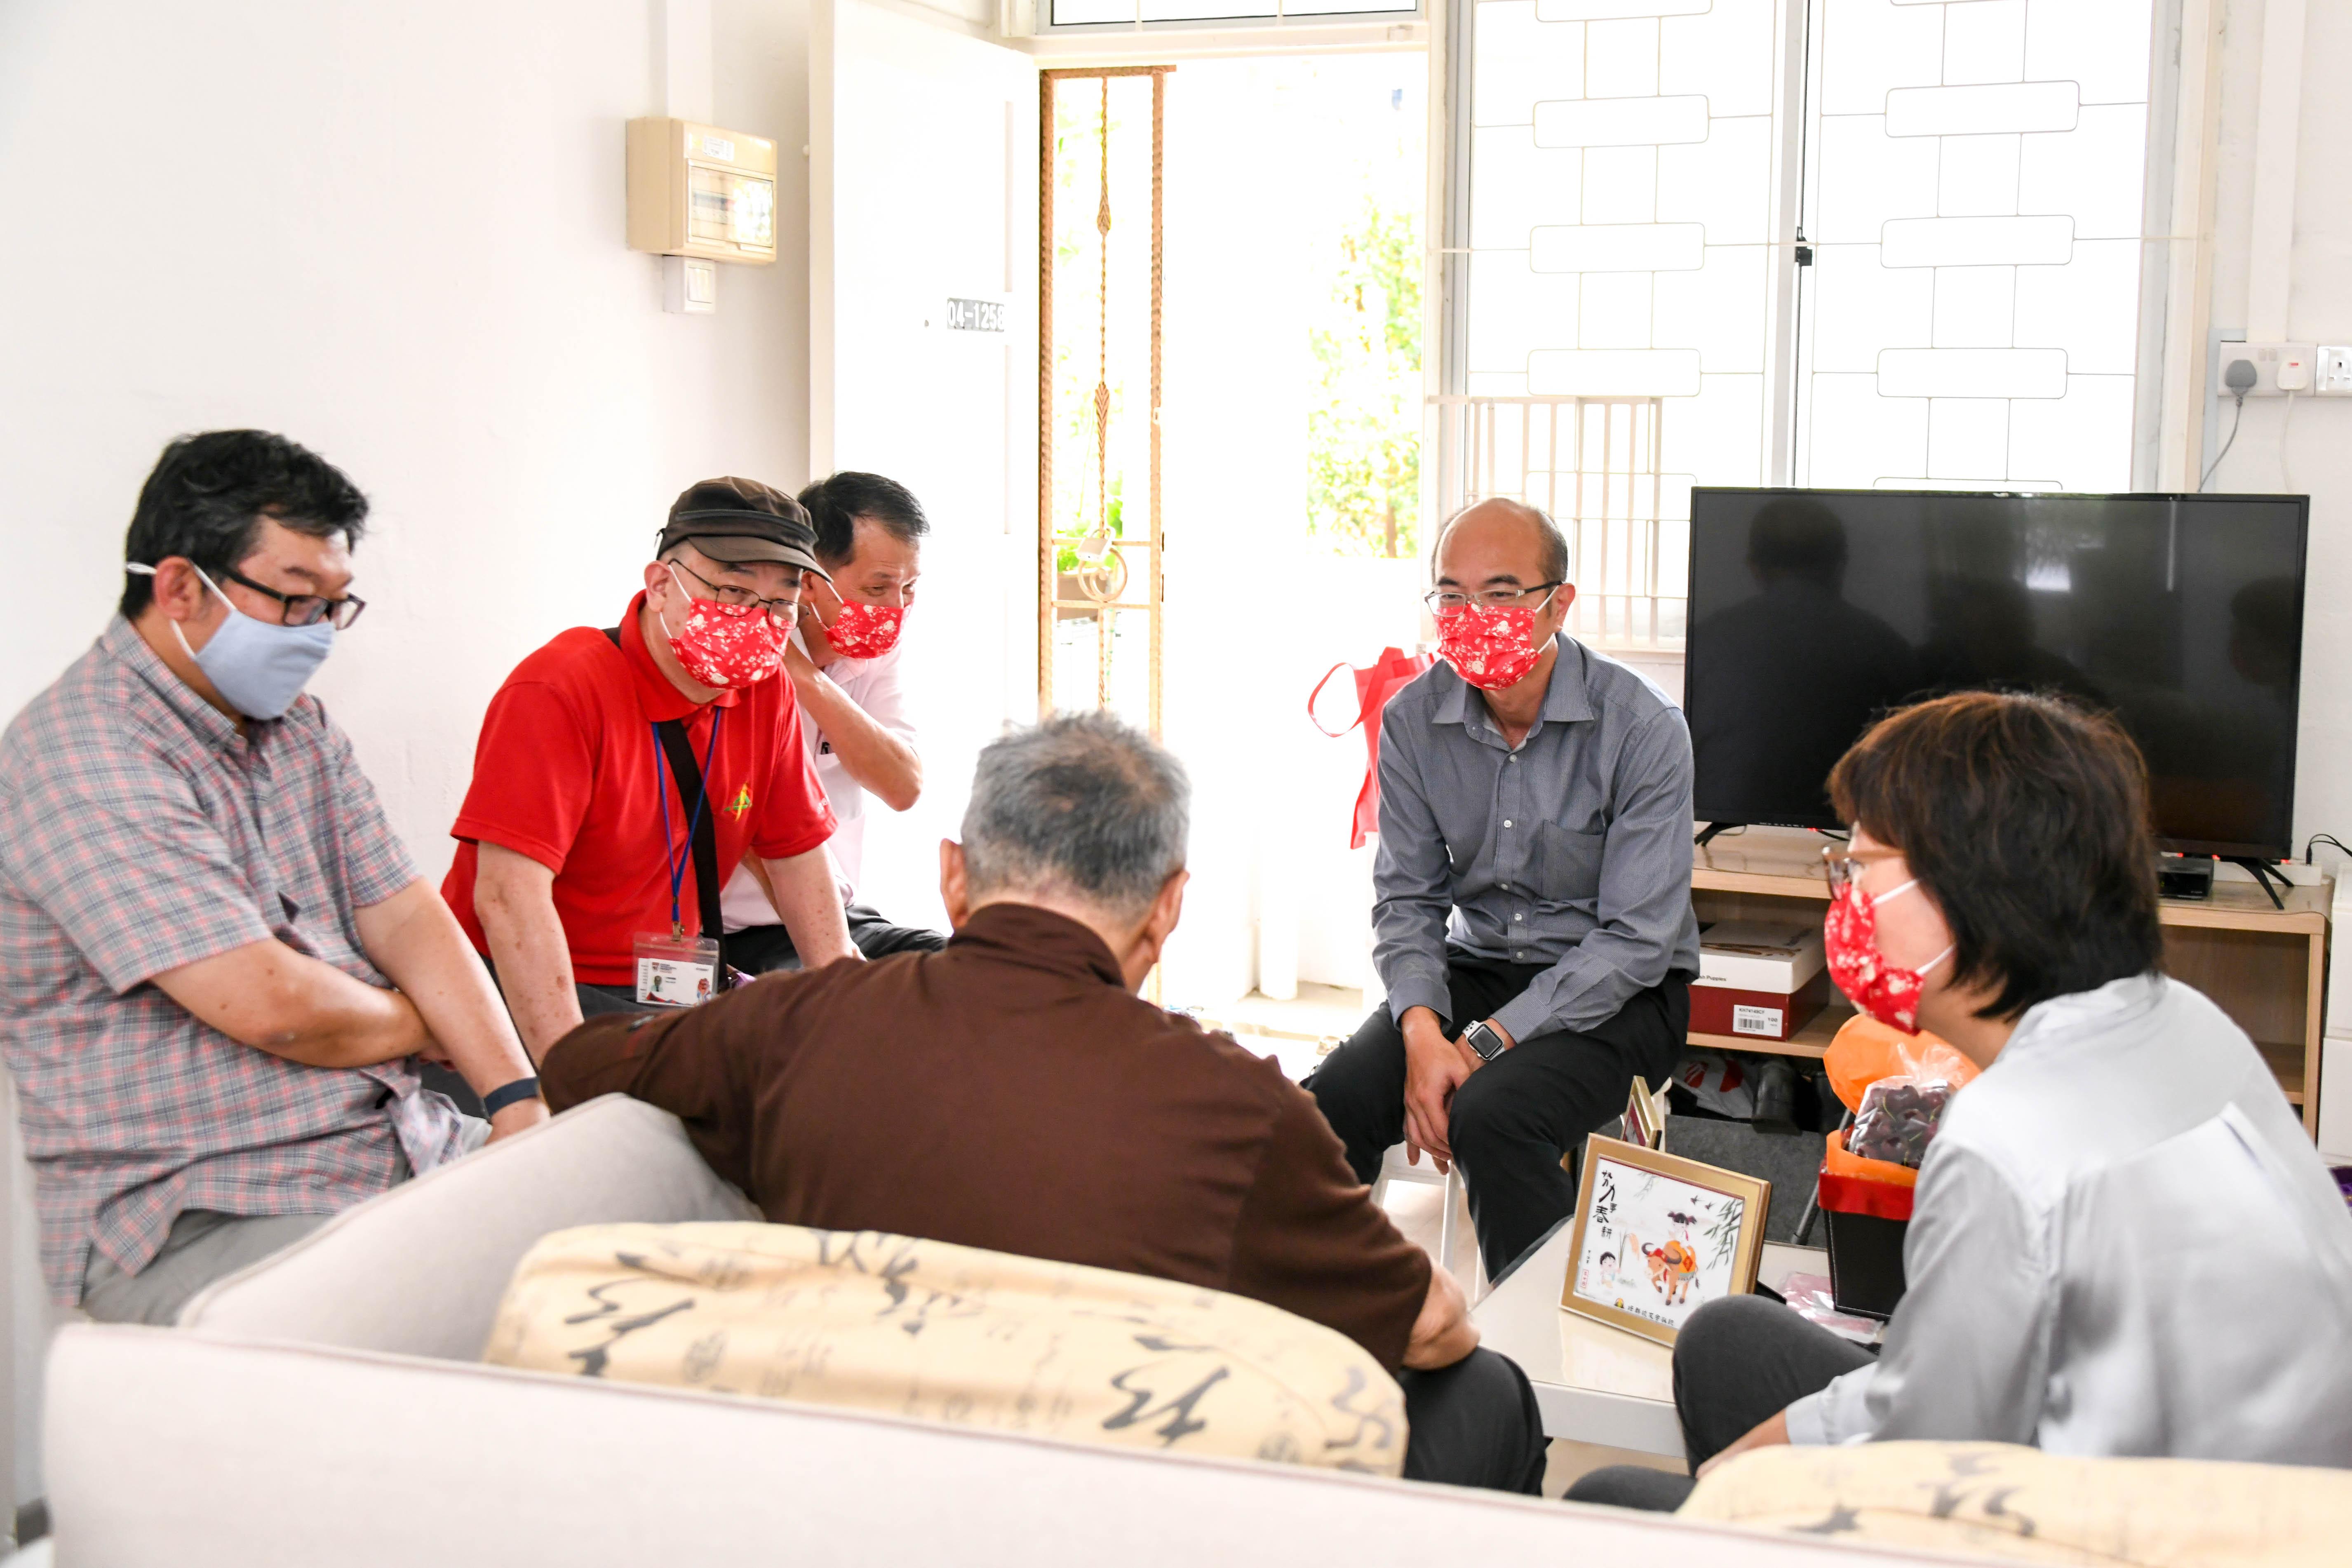 老校长的背影: 老校长关心培群华文教育的现况,邓禄星老师(左二)因此说起培群在这方面所做的努力。